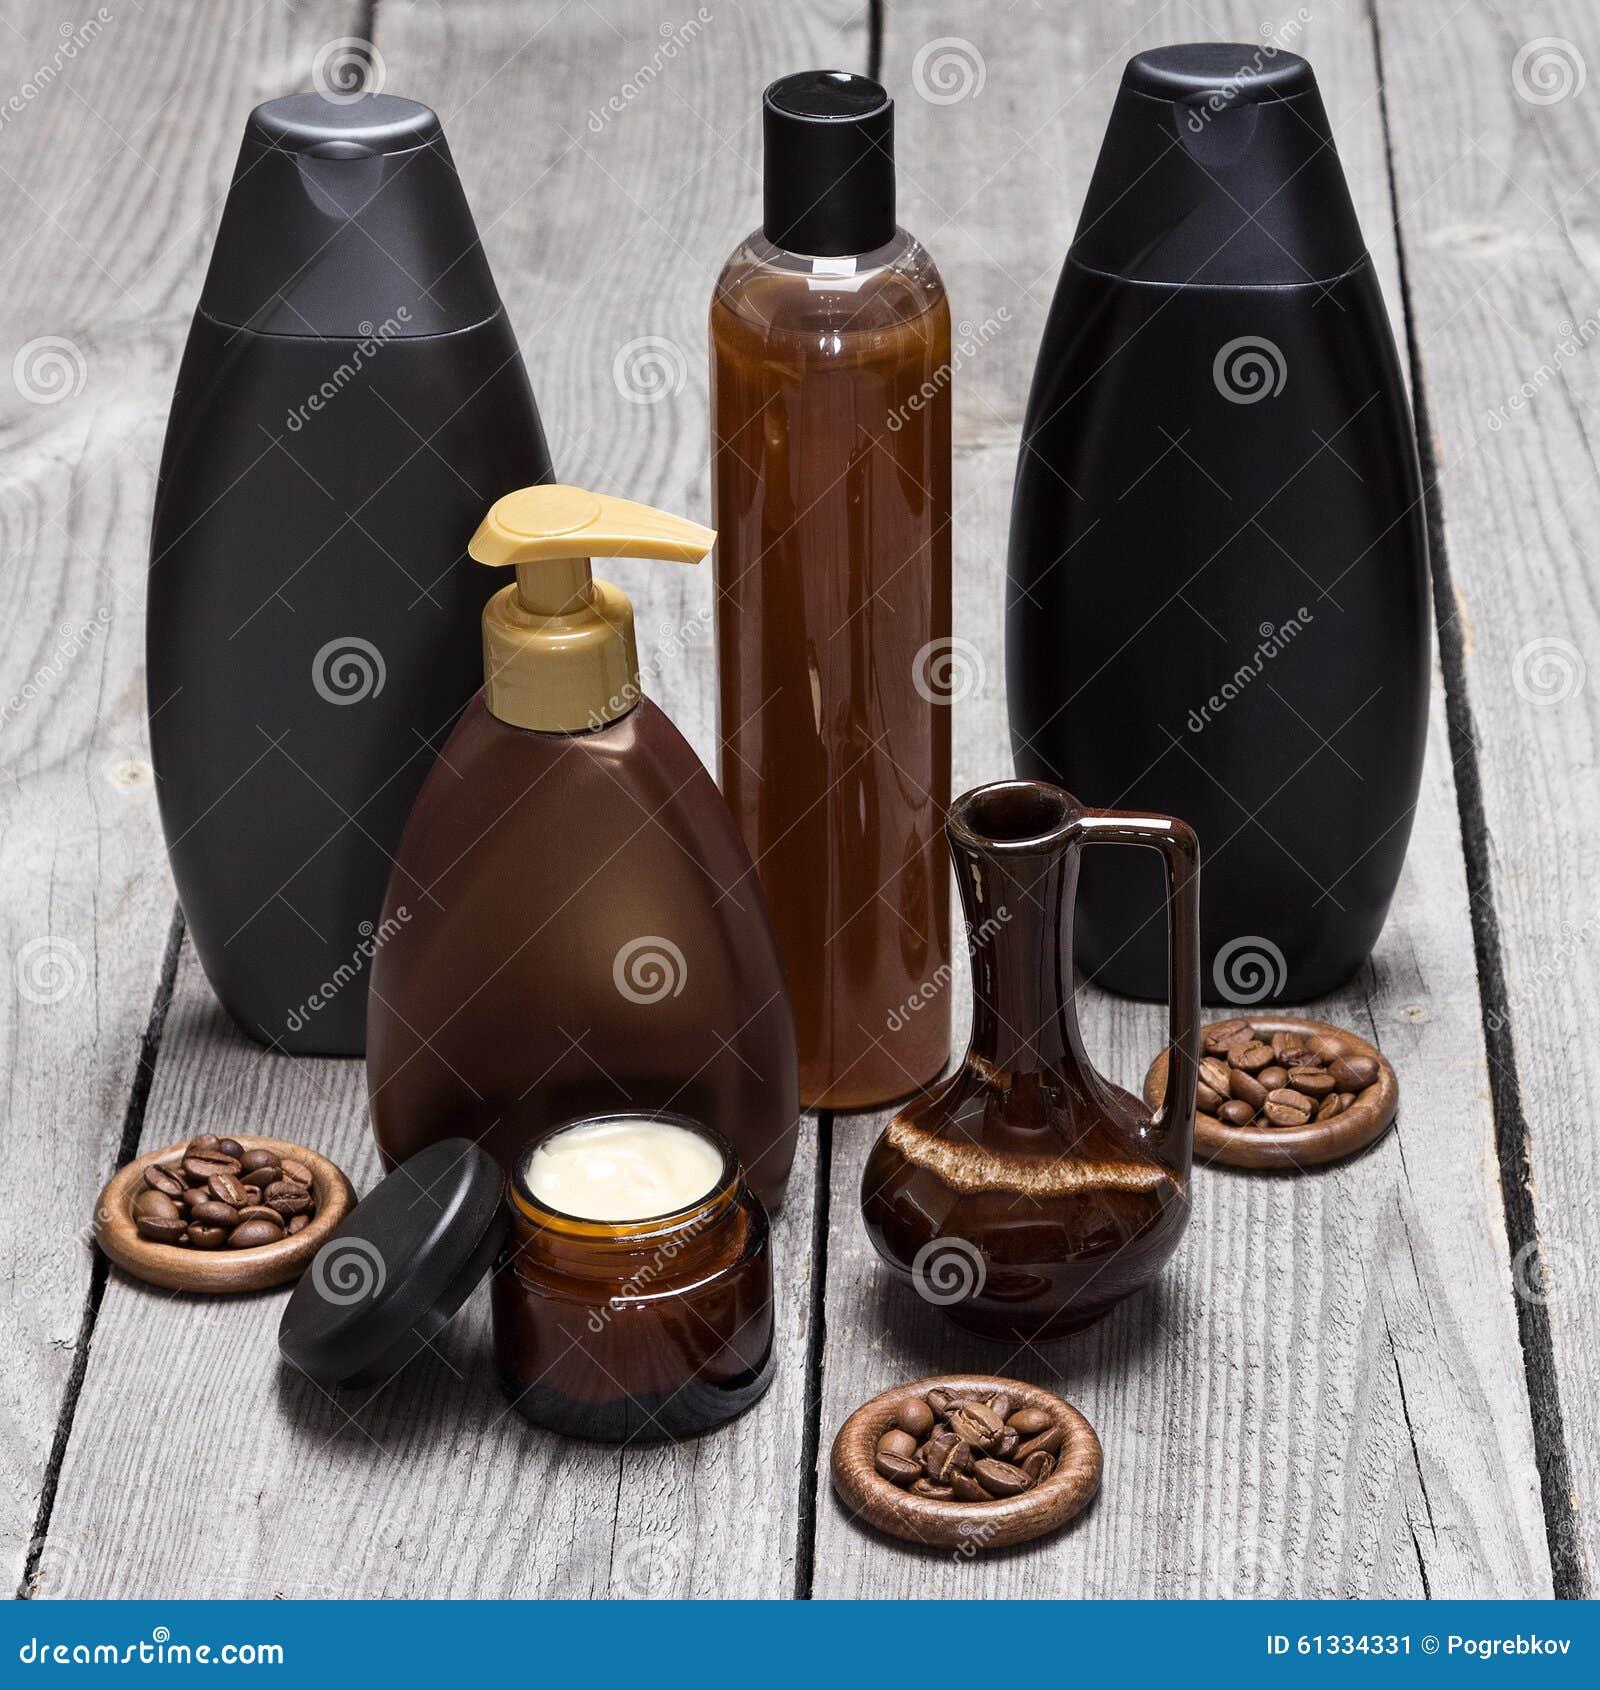 Anti-anti-celluliteschoonheidsmiddelen die op cafeïne worden gebaseerd